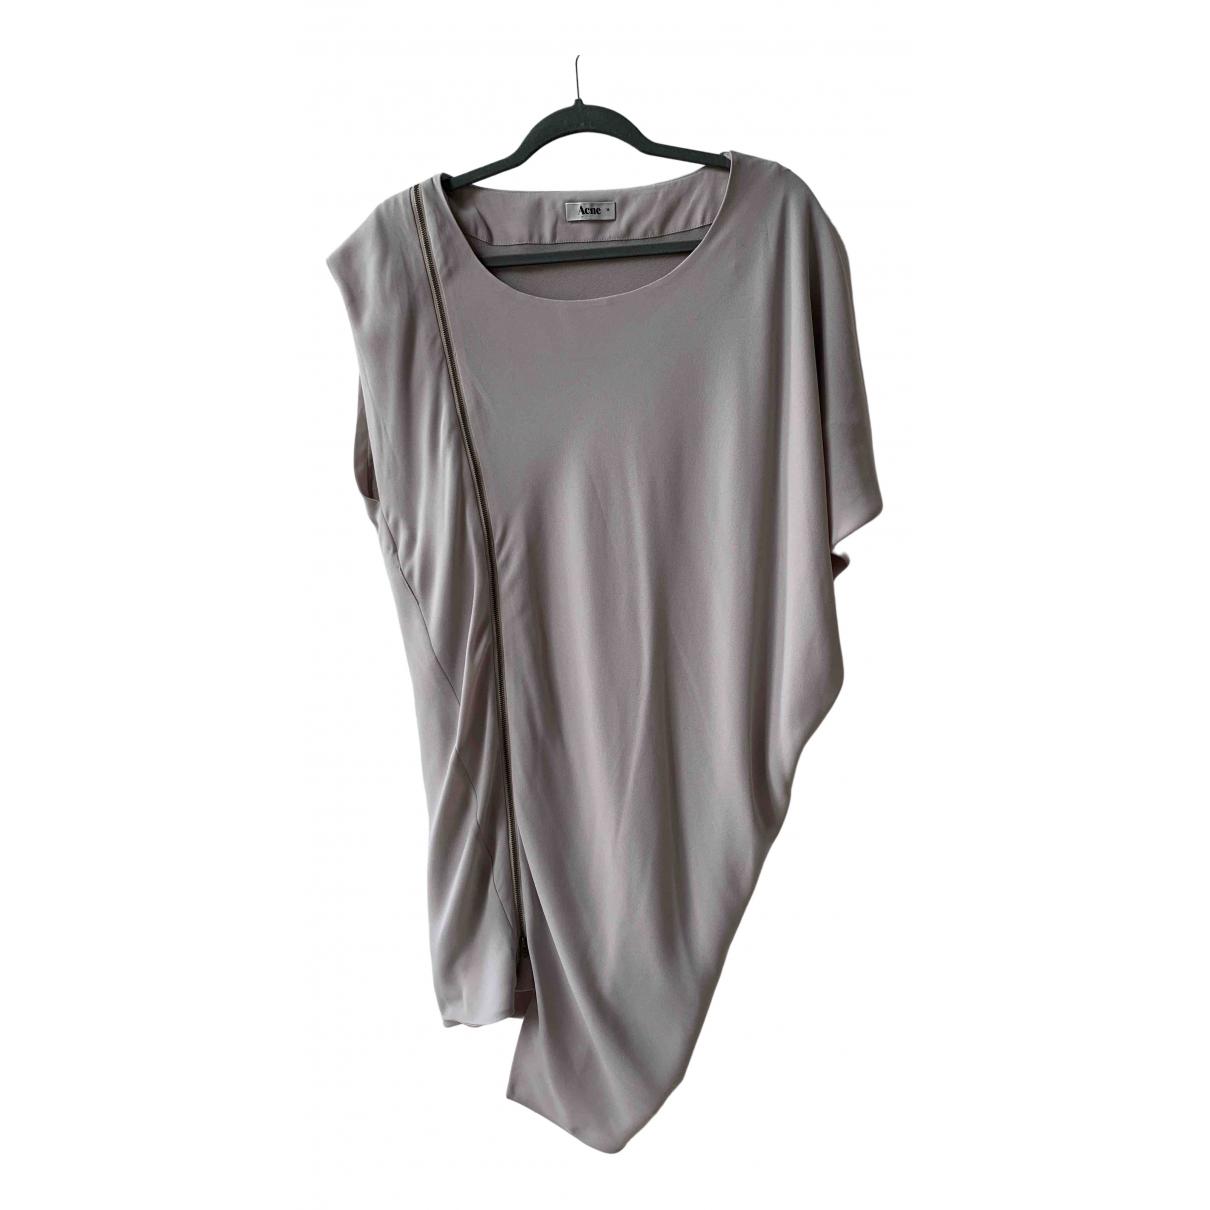 Acne Studios \N Kleid in  Grau Polyester